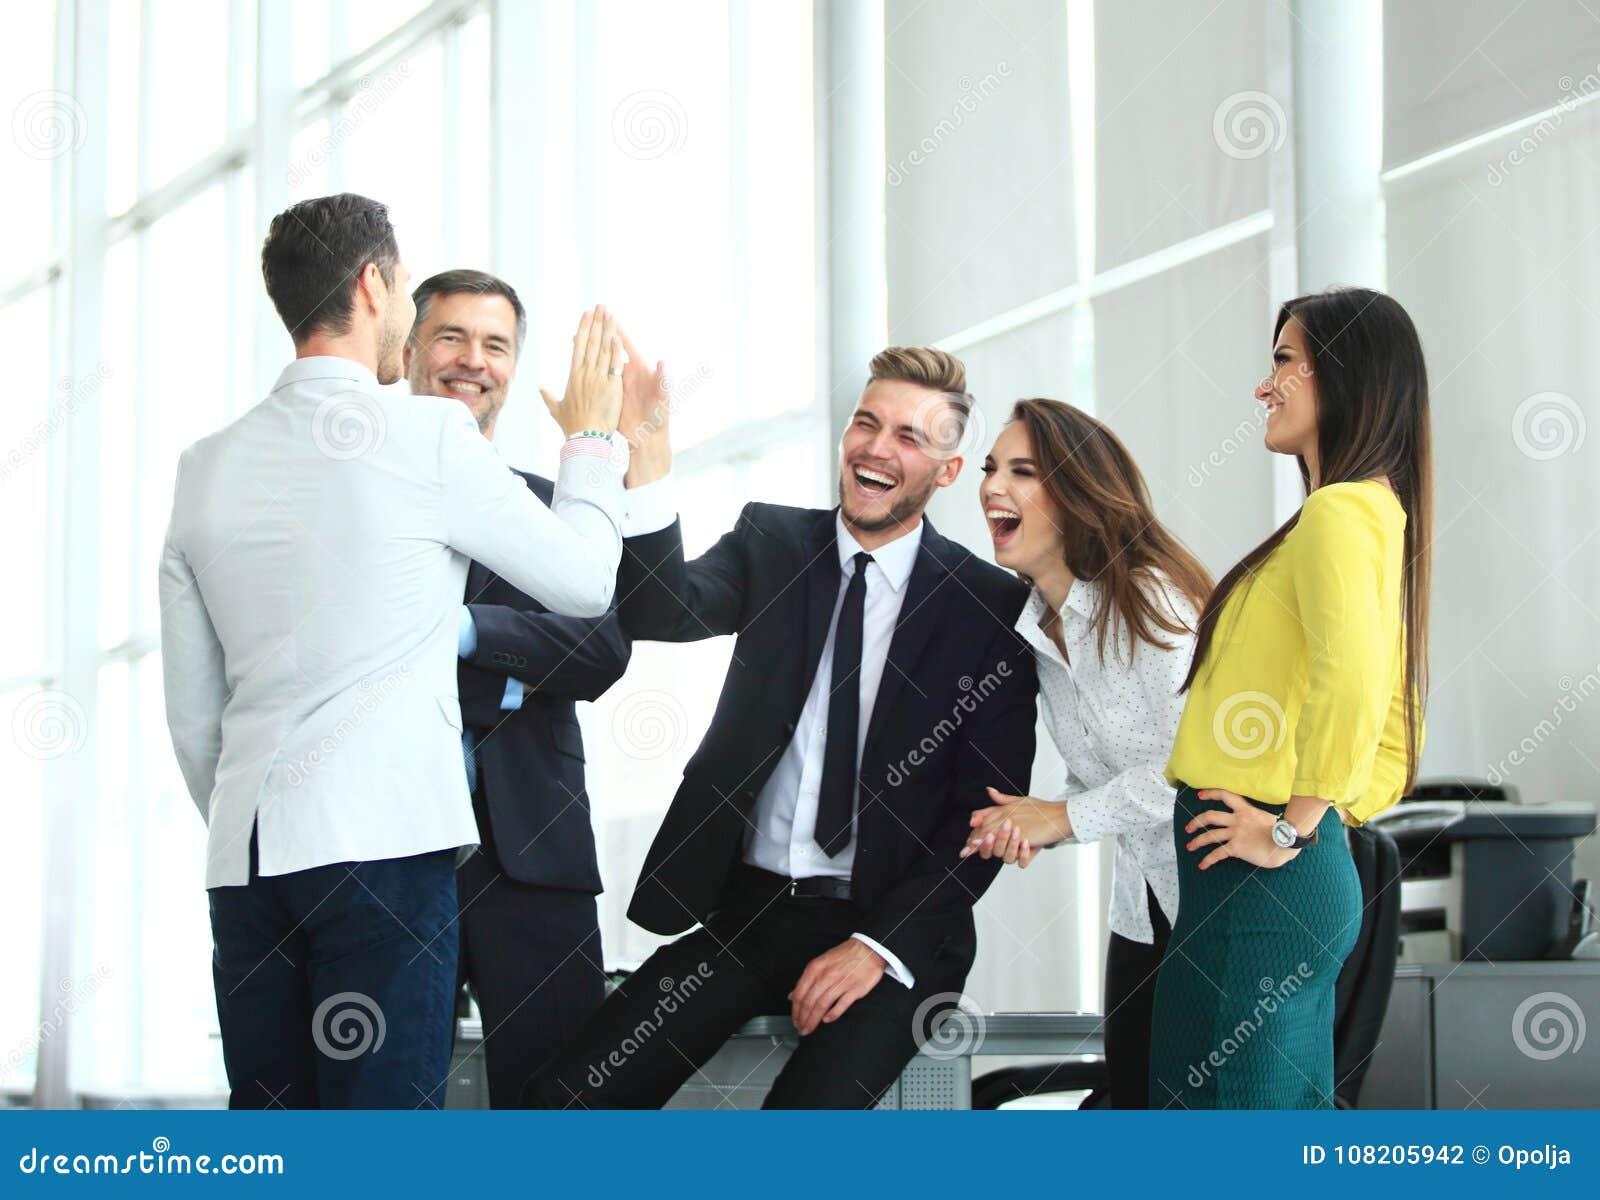 Ευτυχής επιτυχής πολυφυλετική επιχειρησιακή ομάδα που δίνει μια υψηλή χειρονομία fives καθώς γελούν και ευθυμία η επιτυχία τους